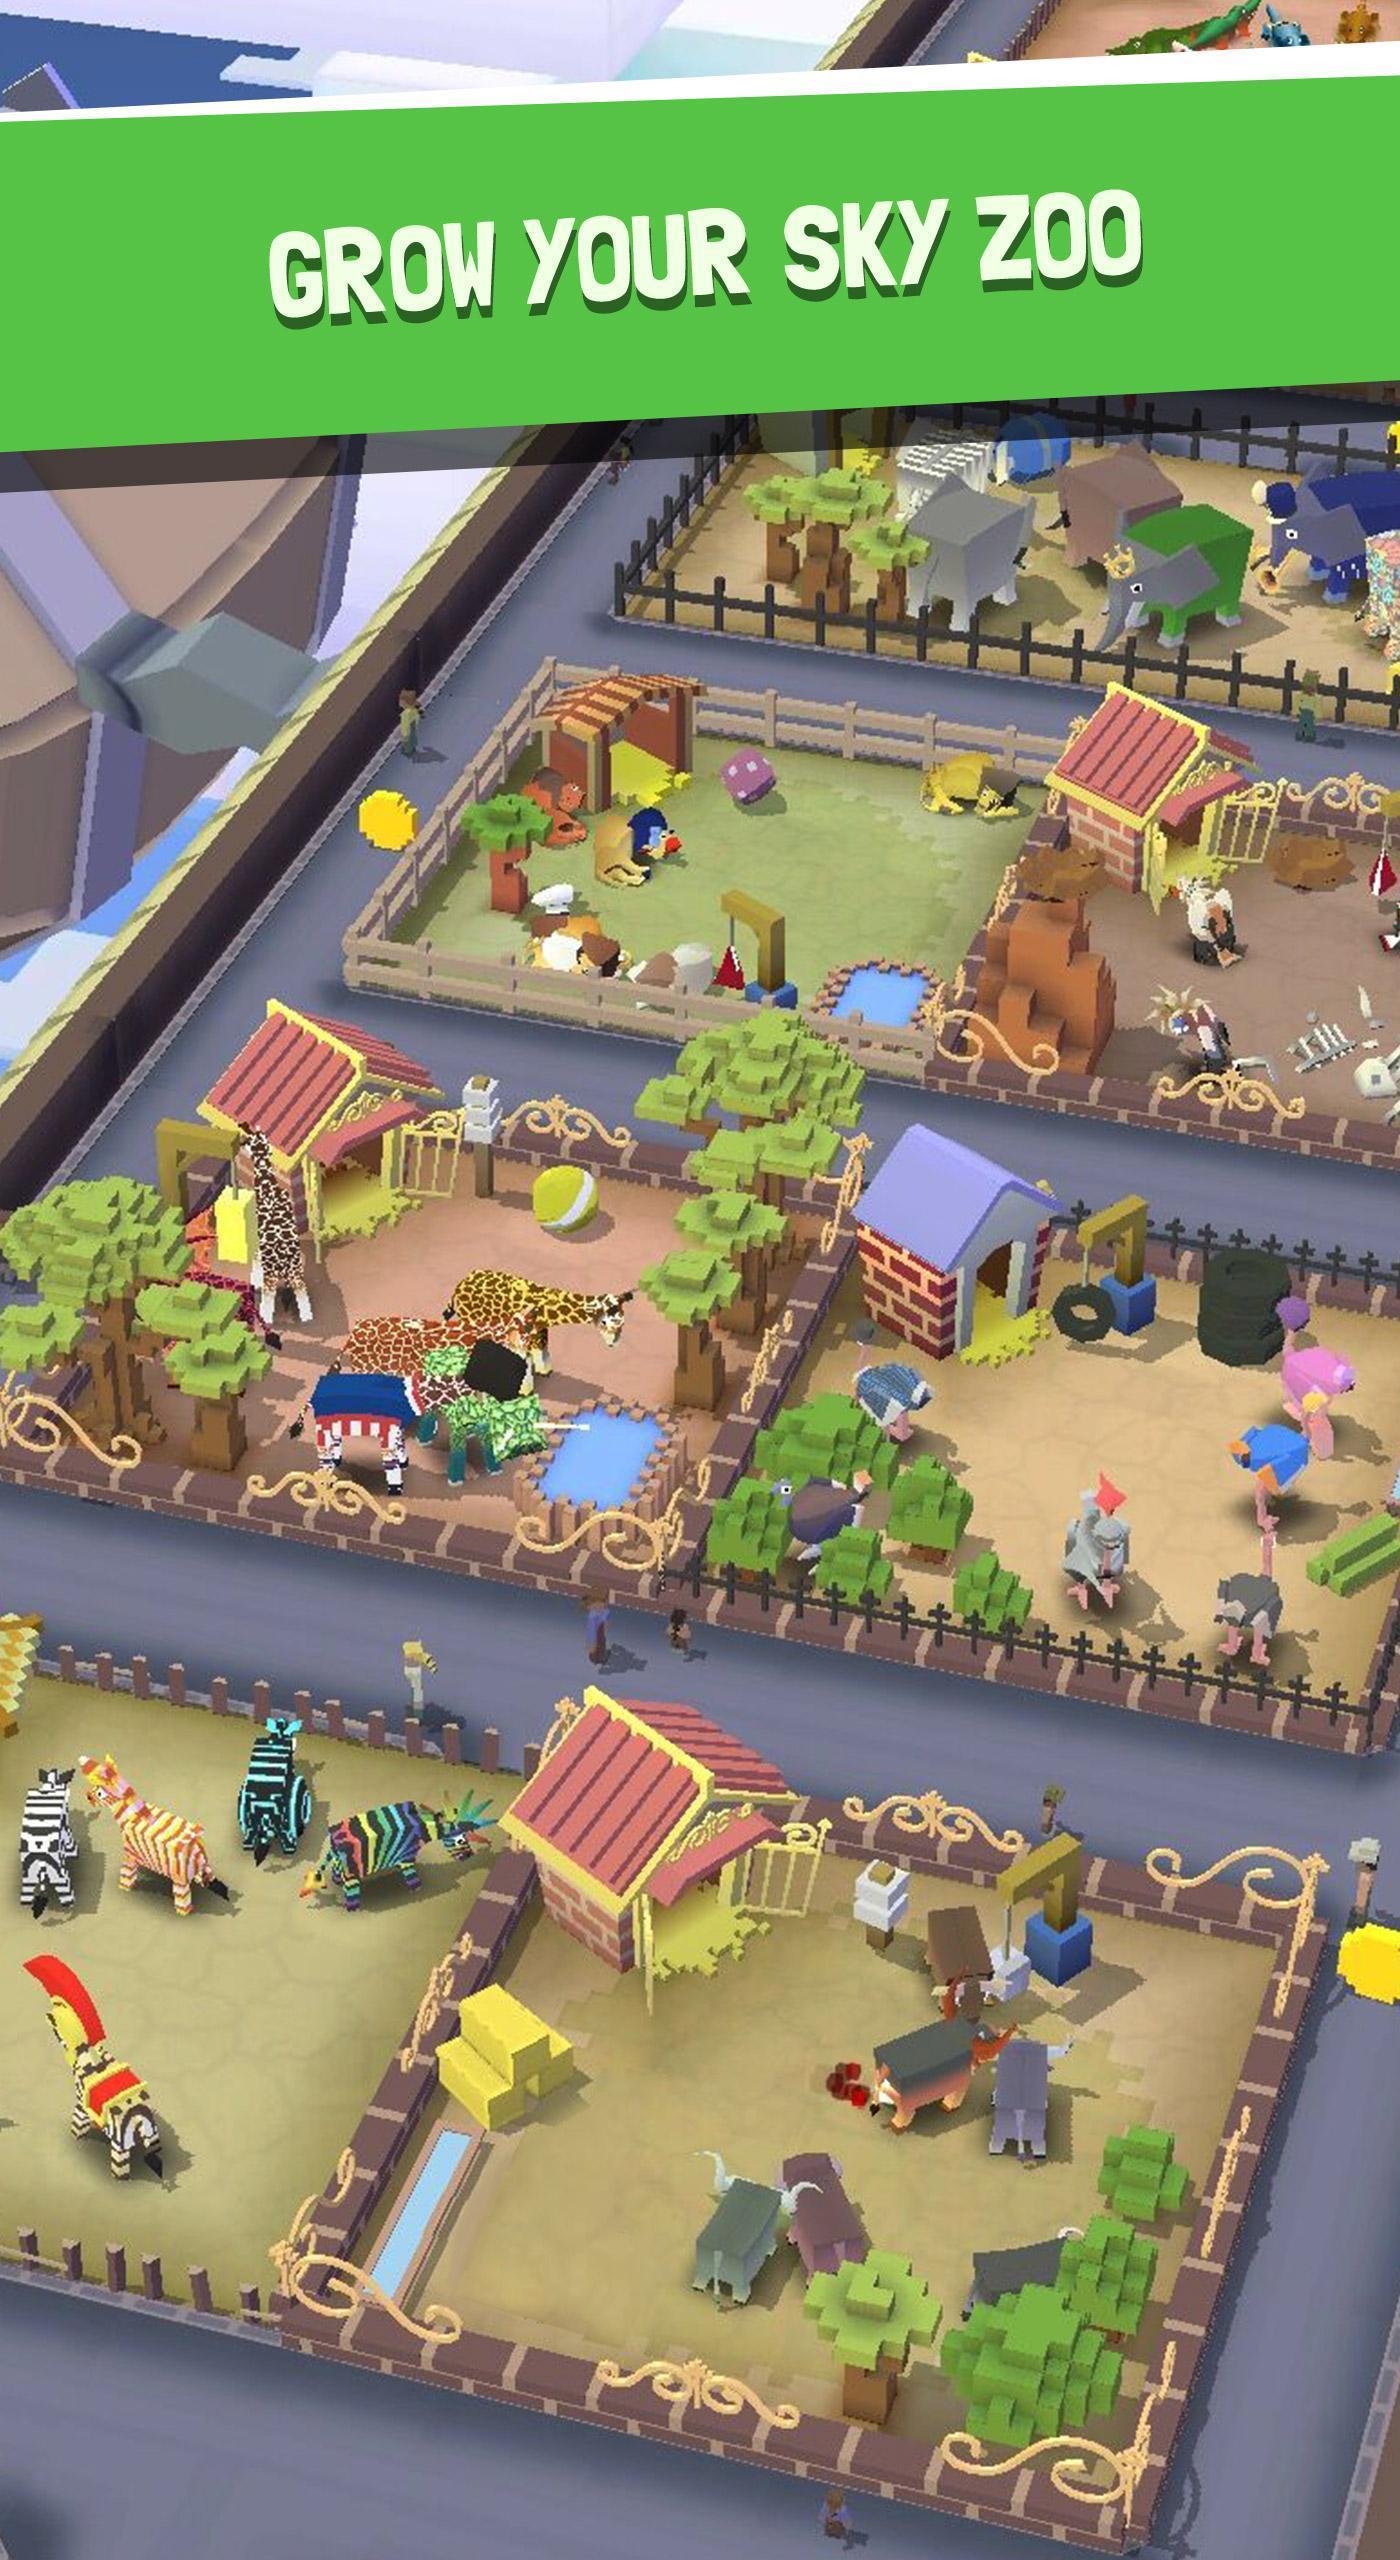 Rodeo Stampede: Sky Zoo Safari 1.27.5 Screenshot 5